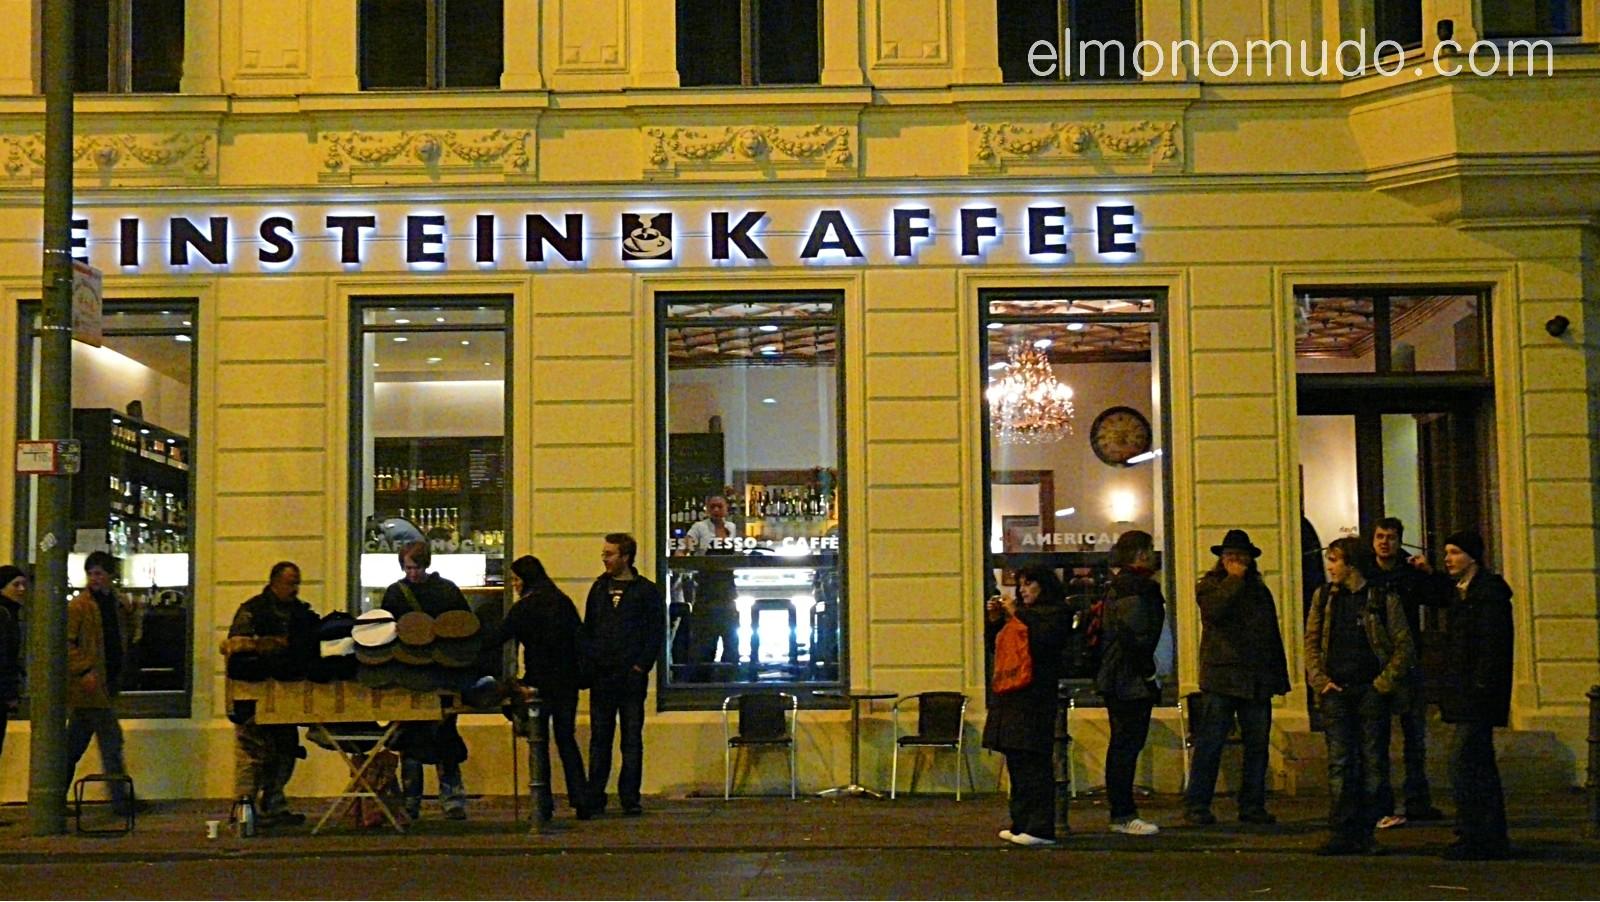 einstein kaffee en checkpoint charlie. berlin